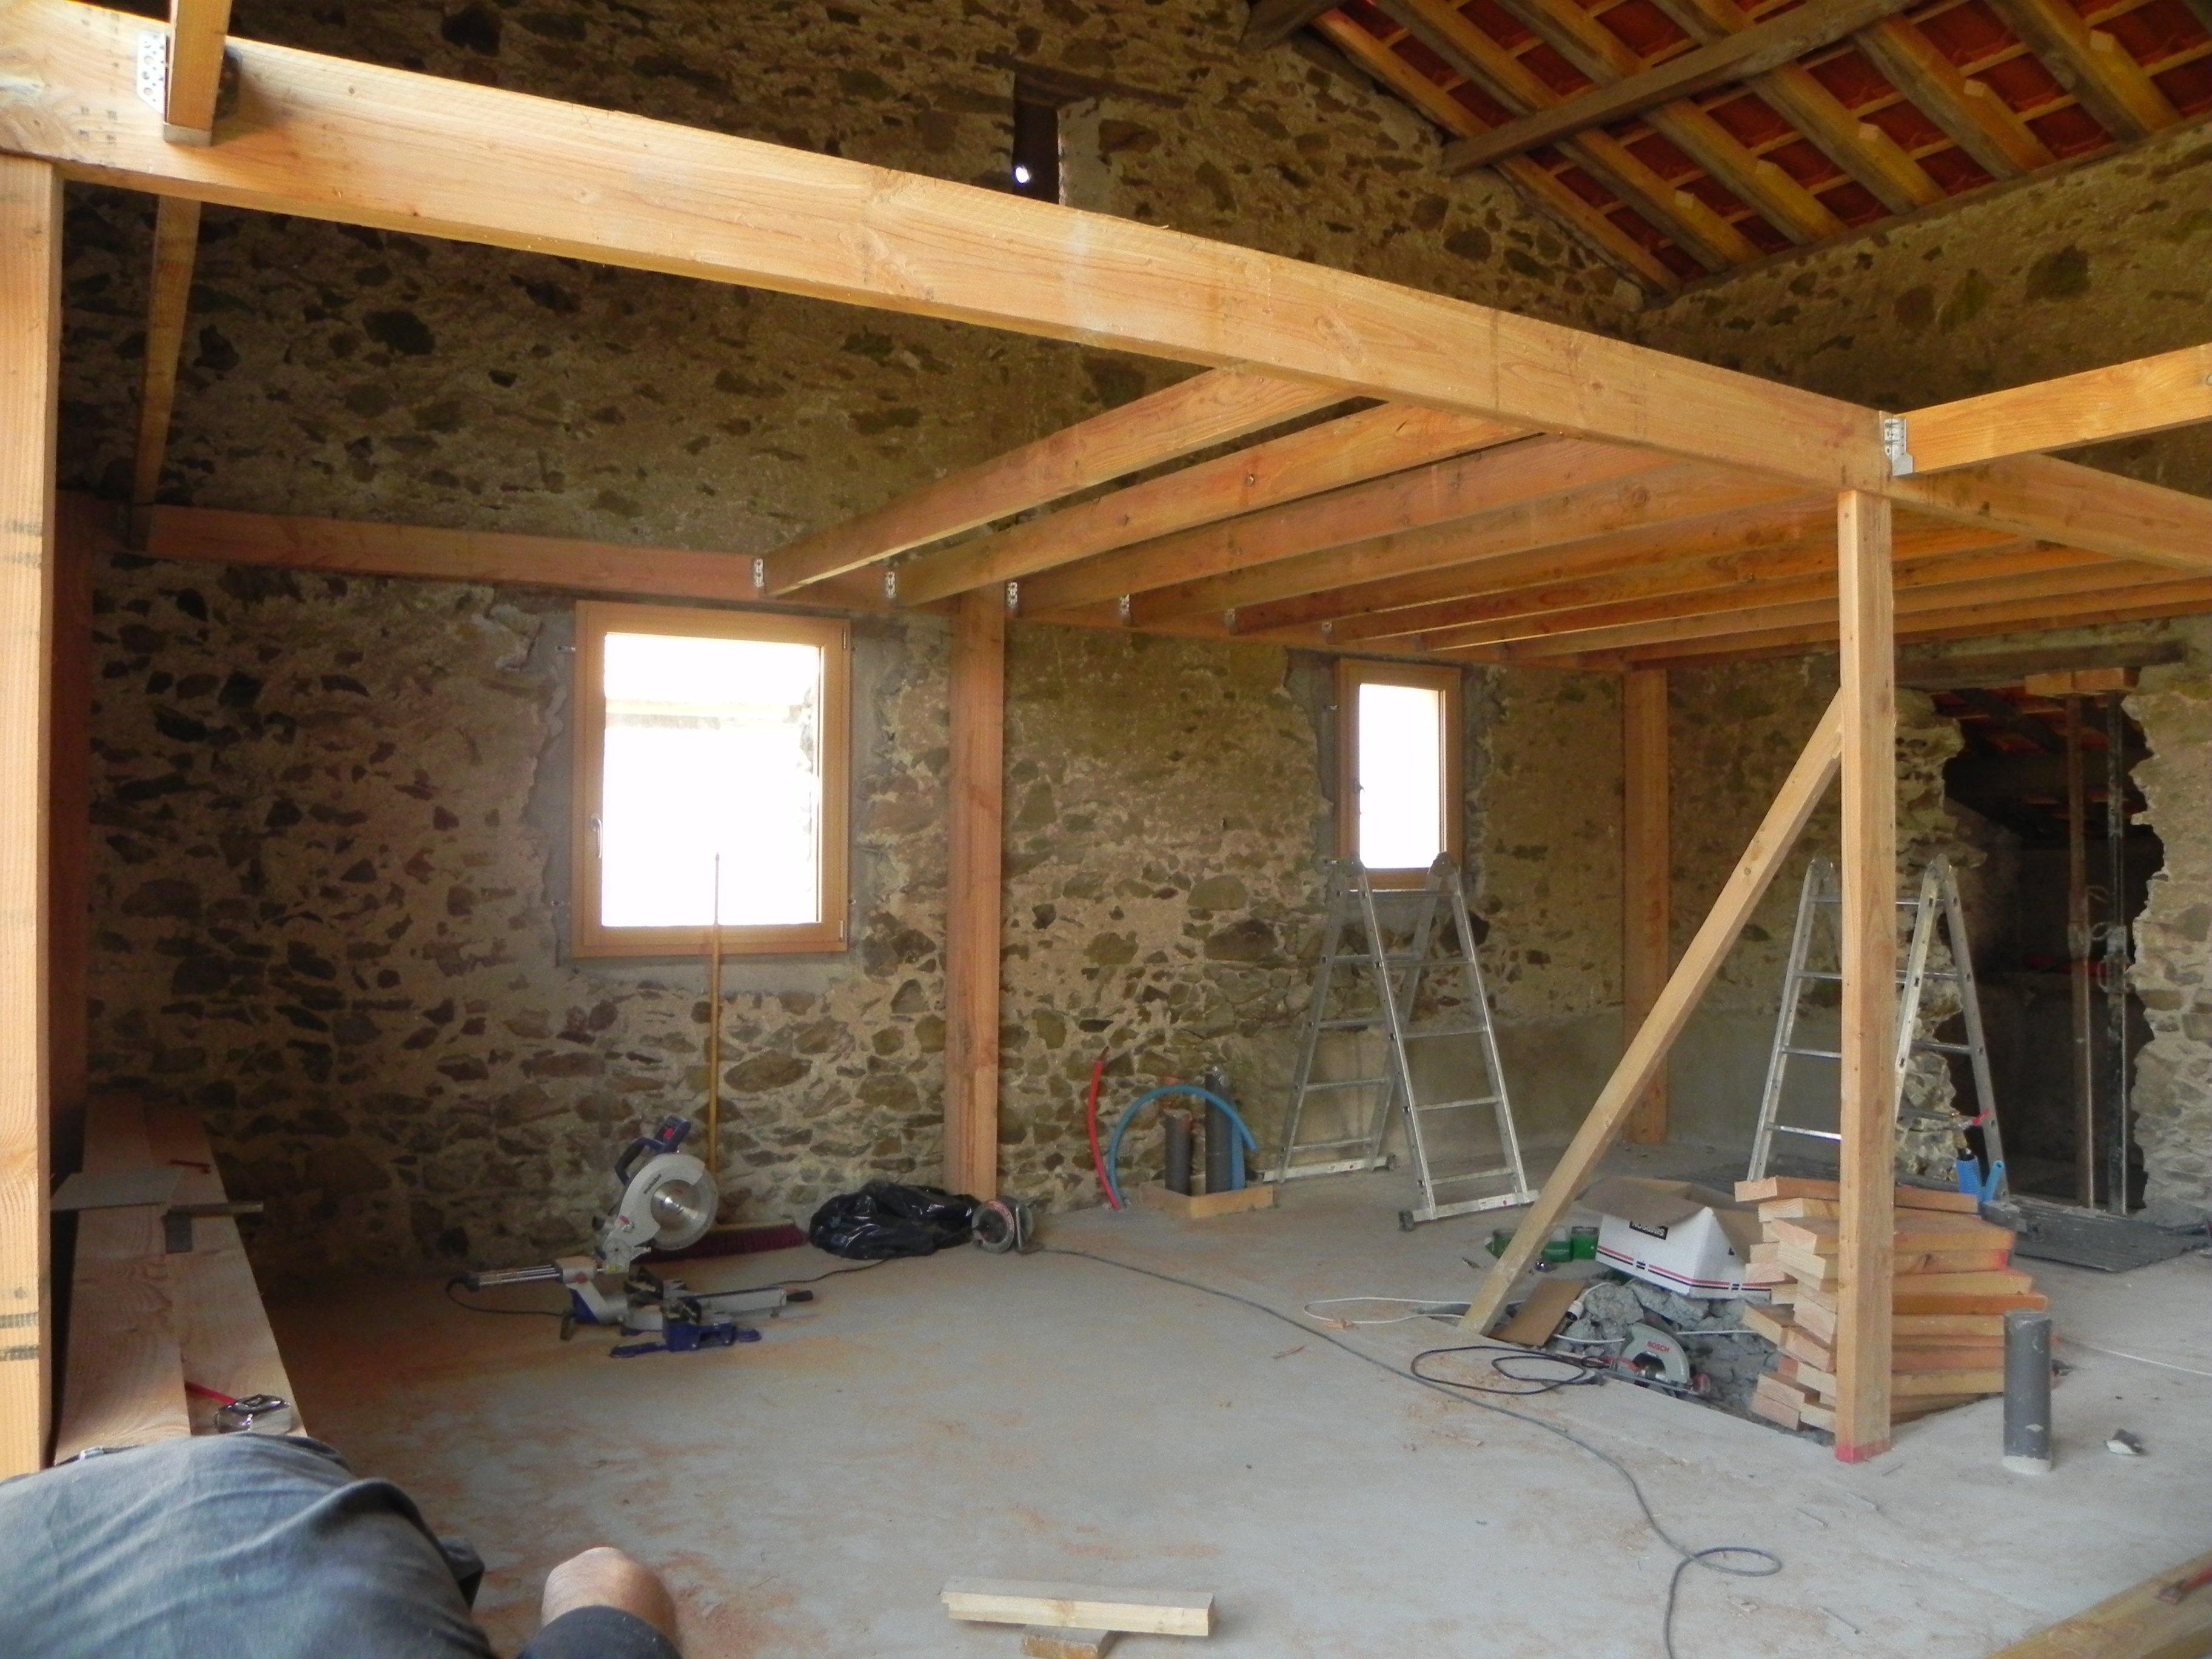 abracadabra et notre grange se transformera en maison oo. Black Bedroom Furniture Sets. Home Design Ideas